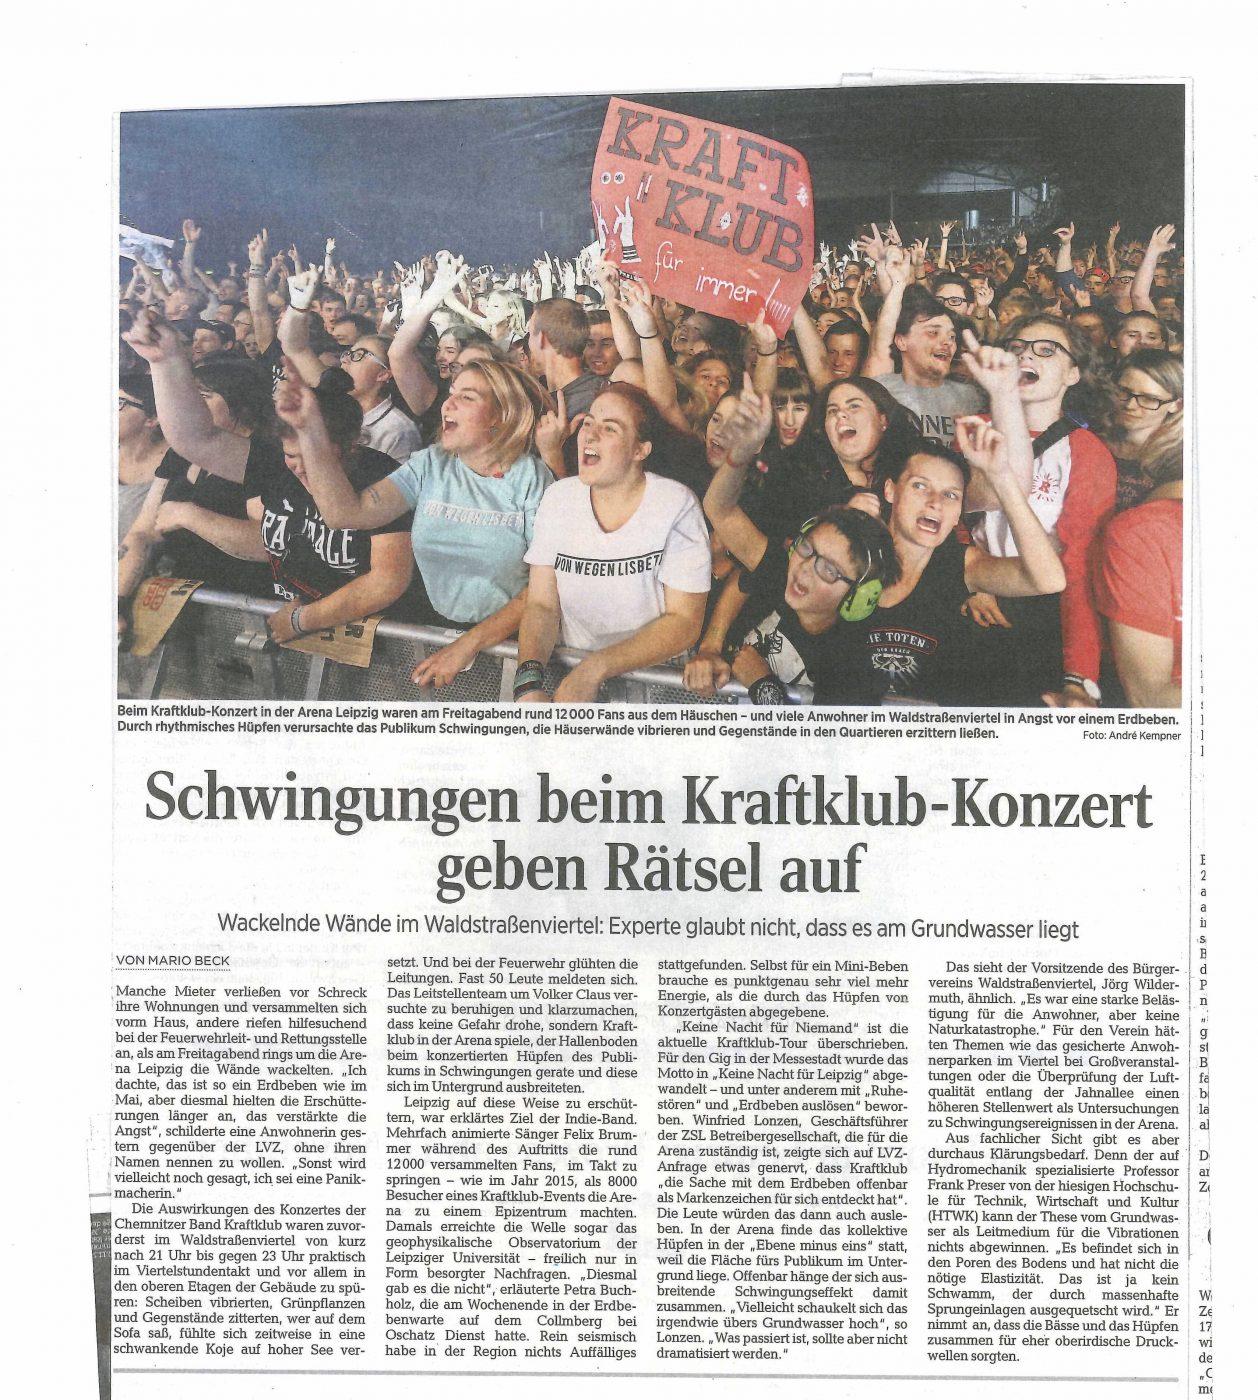 LVZ-Artikel vom 6.11.2017 zum Minibeben durch Kraftclub-Konzert